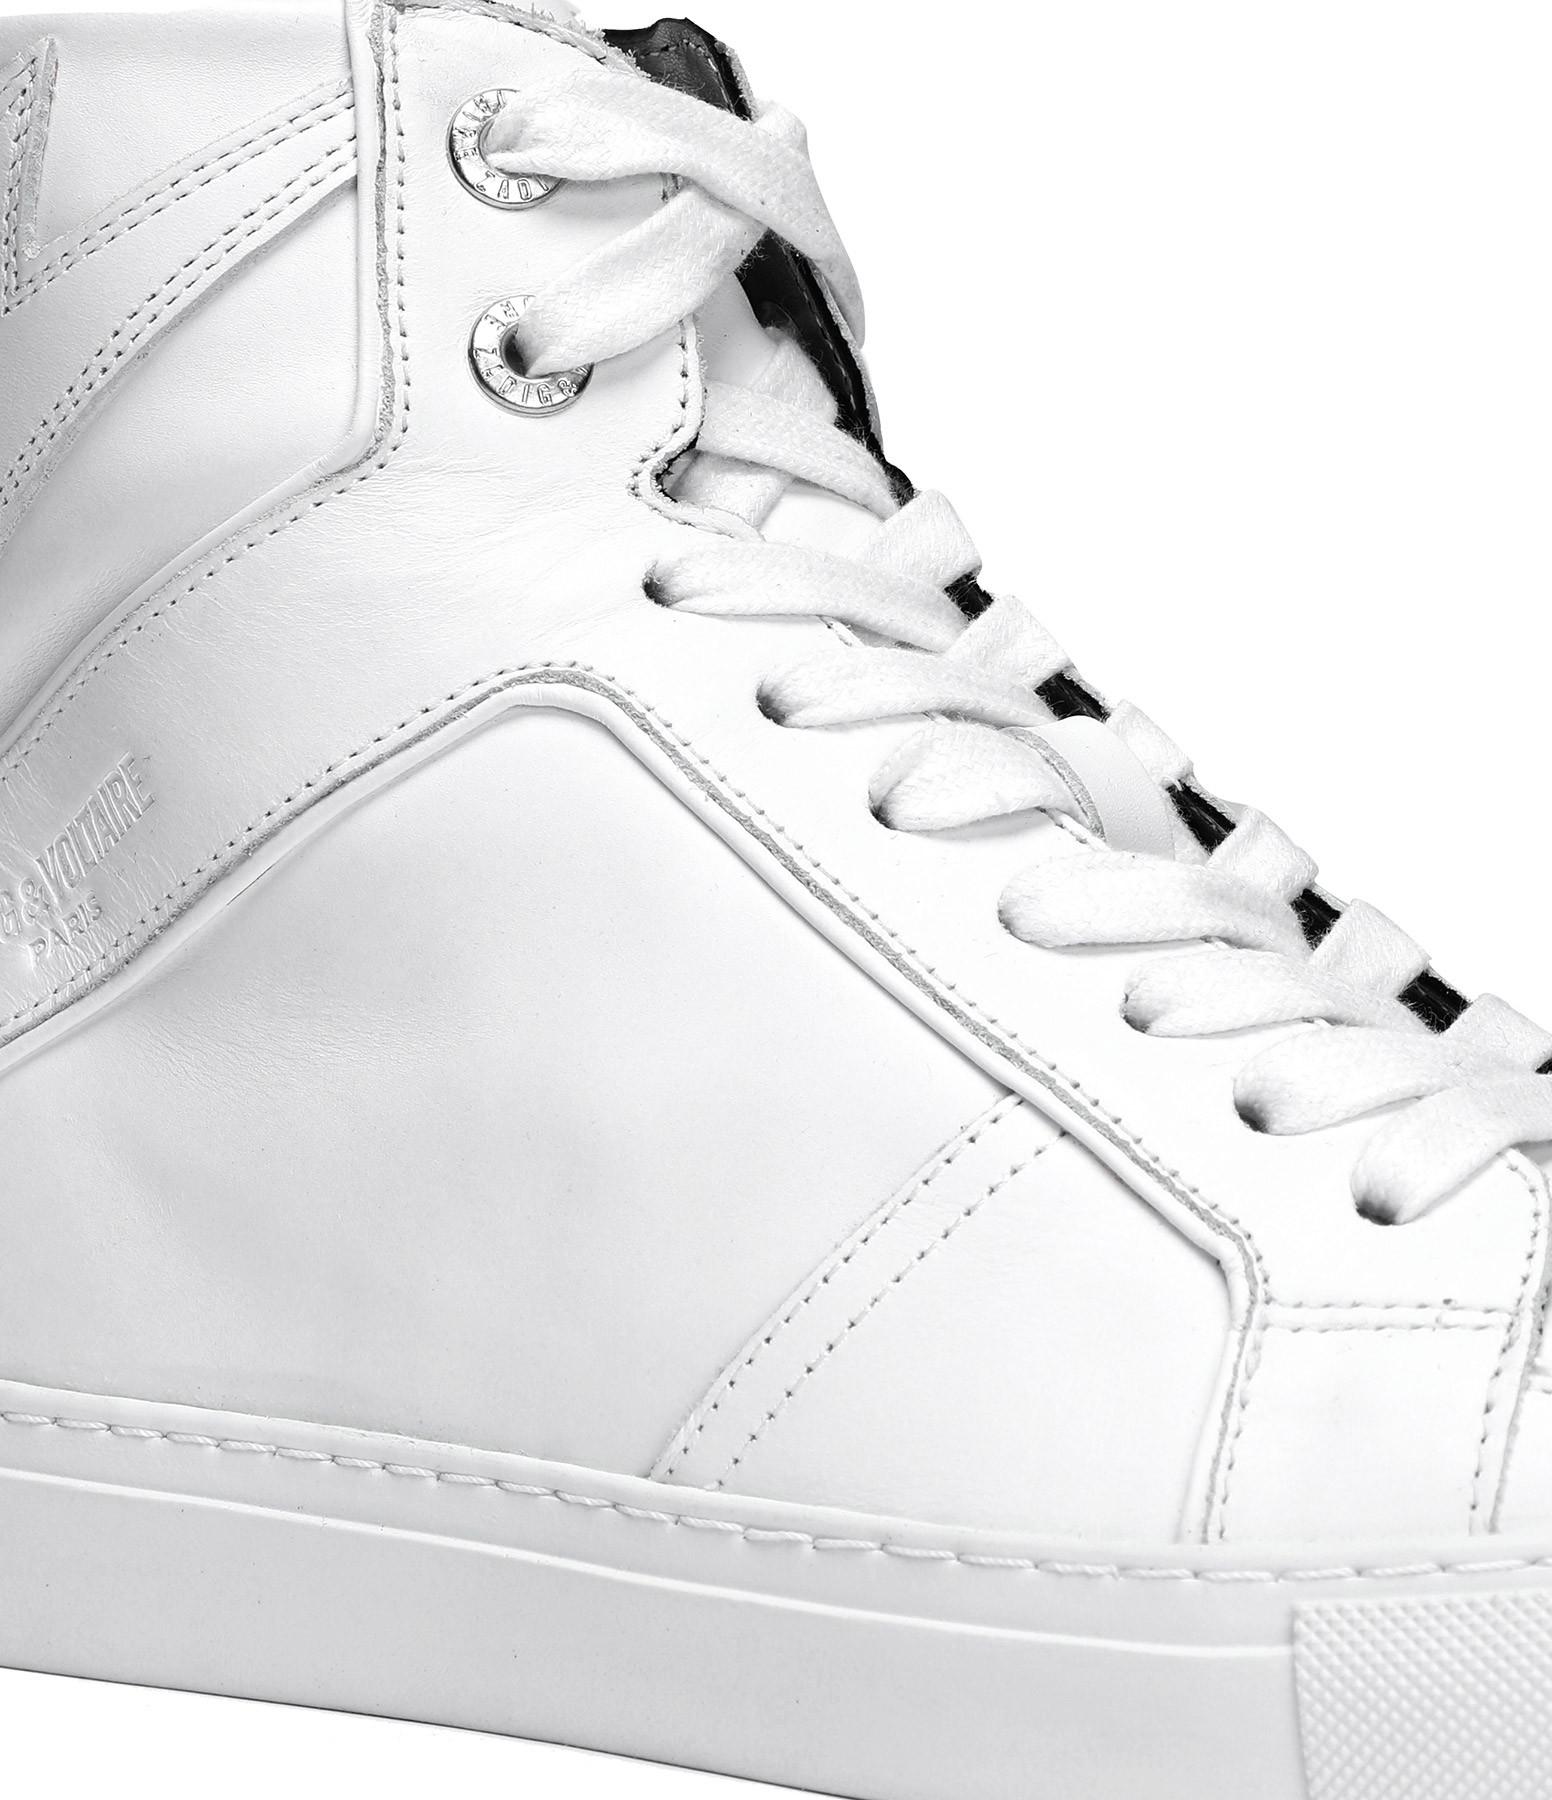 ZADIG & VOLTAIRE - Baskets ZV1747 High Cuir Blanc